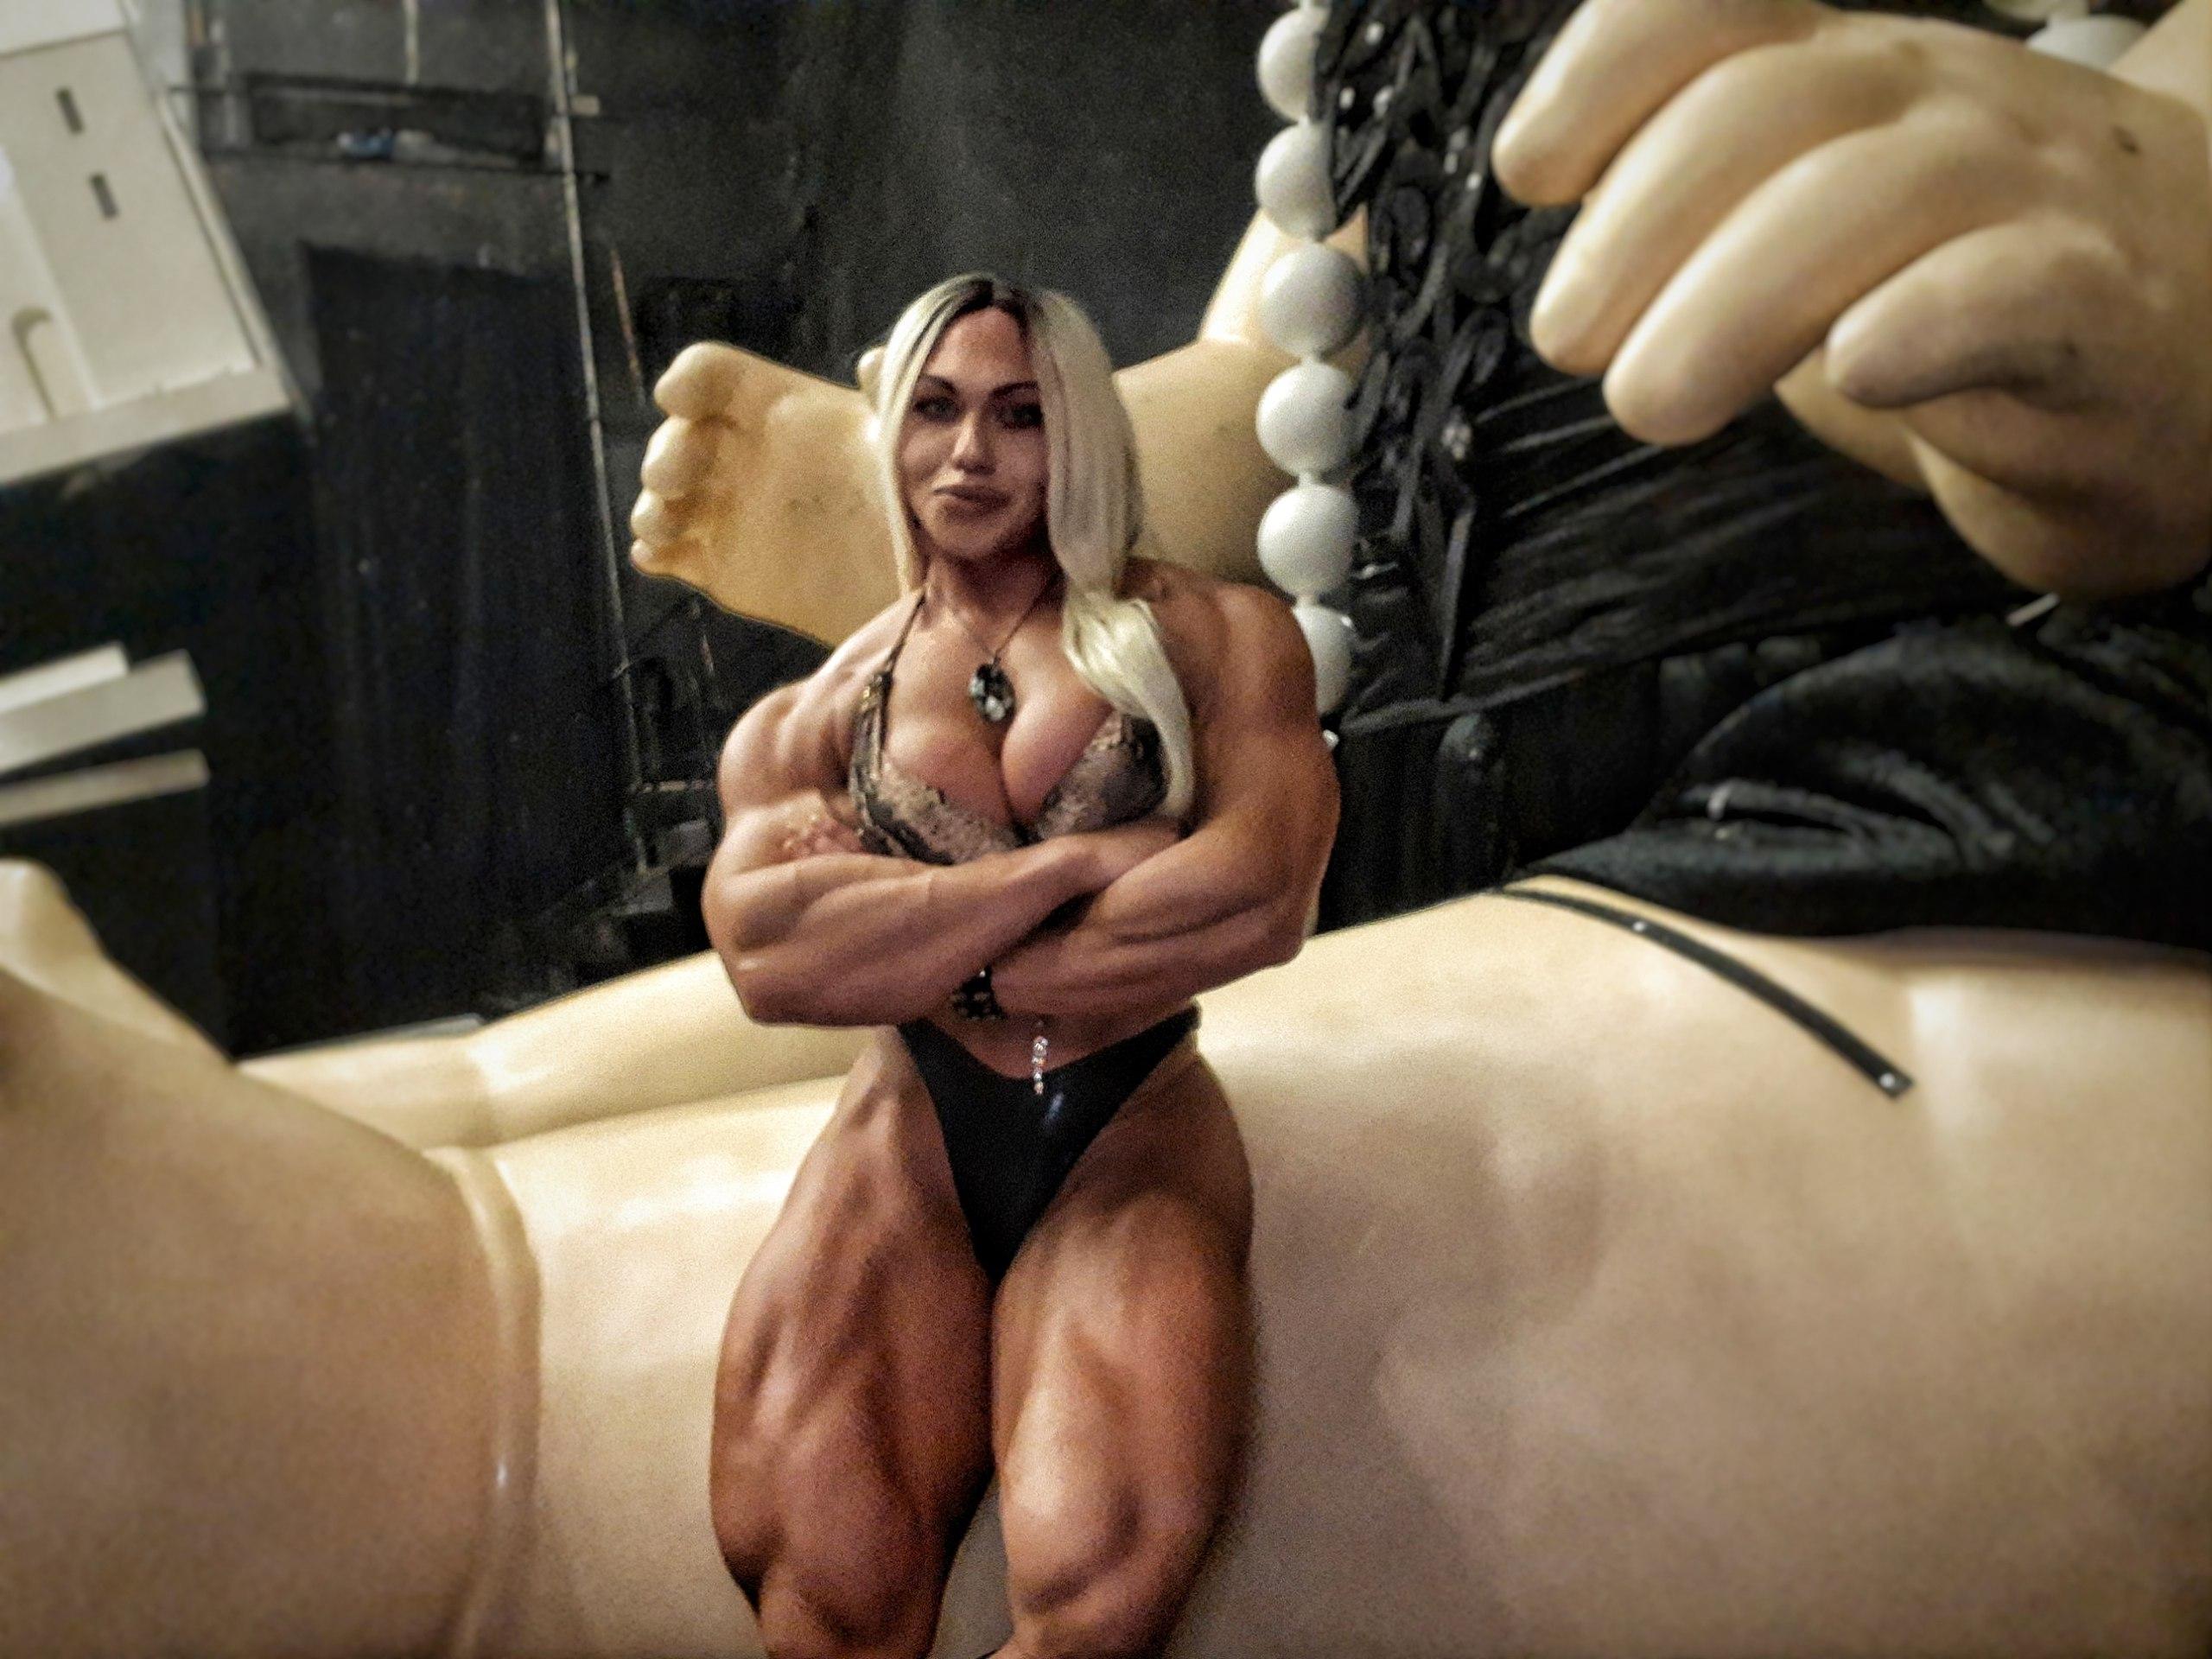 Самые накаченные девушки украины, Как выглядит самая мускулистая девушка в мире 24 фотография